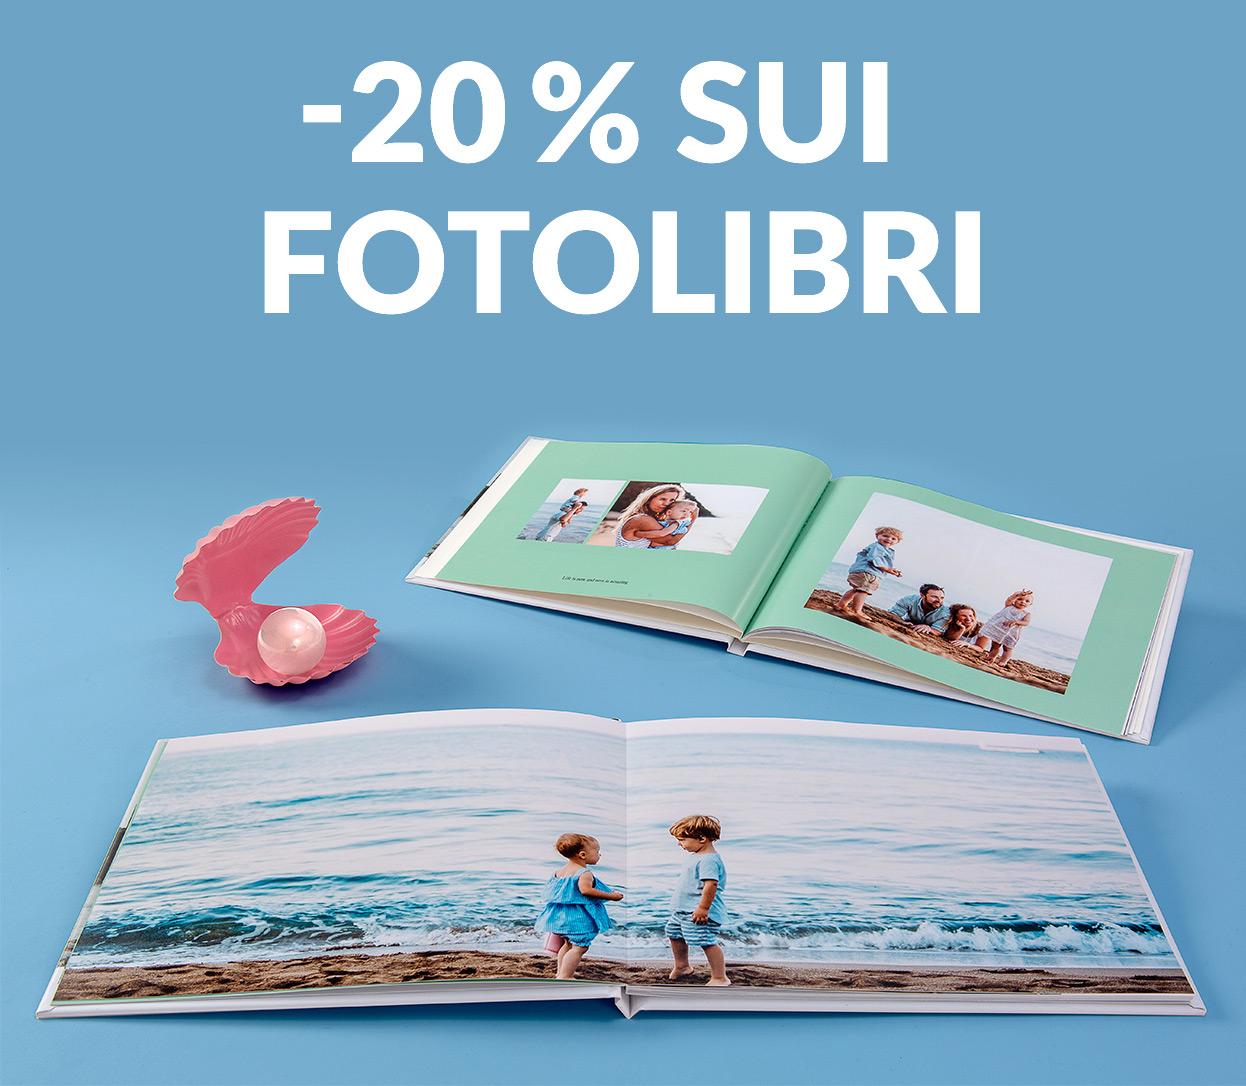 -20% sui FotoLibri